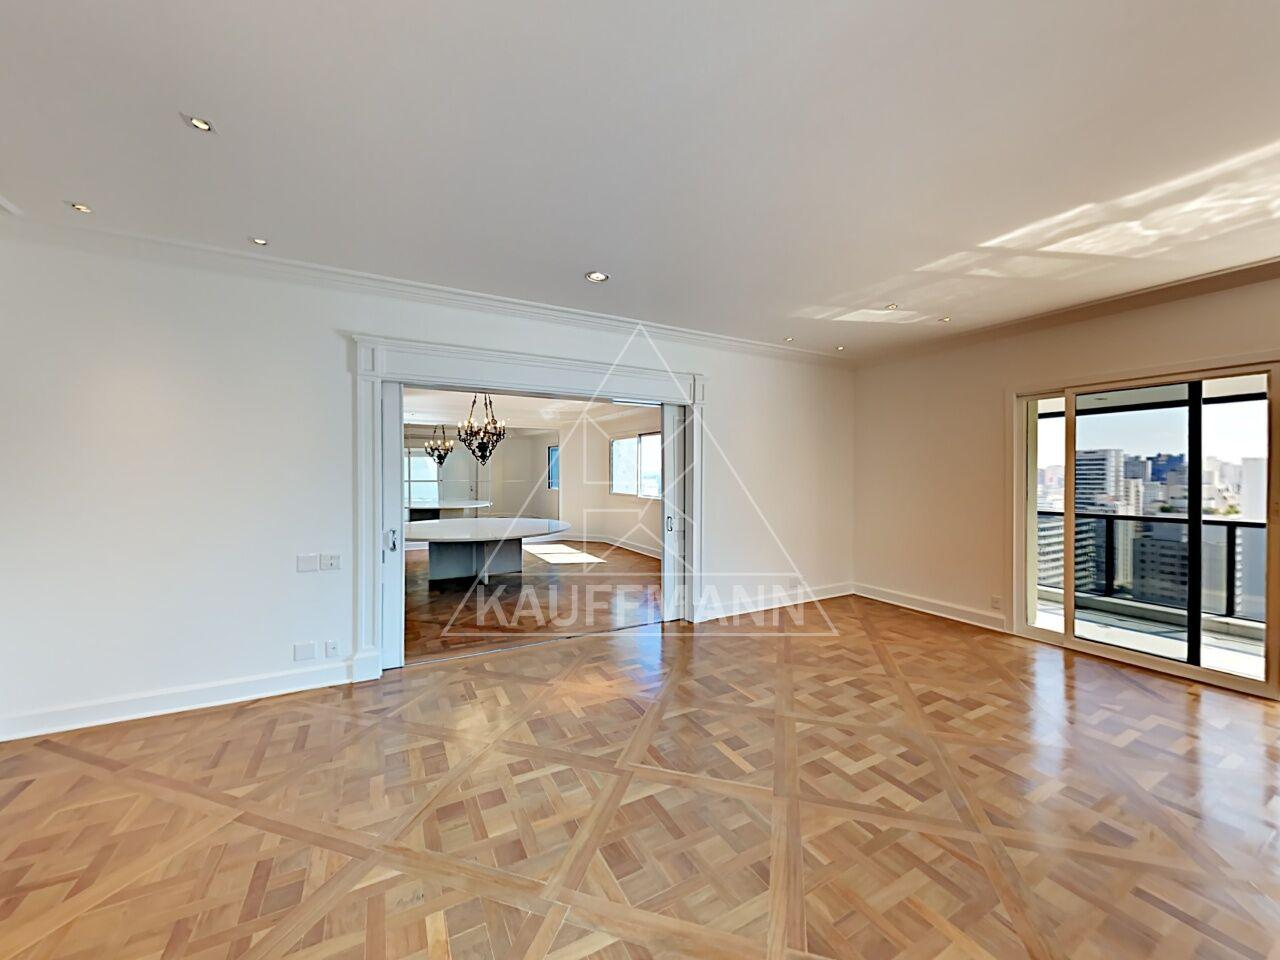 apartamento-venda-sao-paulo-jardim-america-regency-6dormitorios-6suites-7vagas-1099m2-Foto36